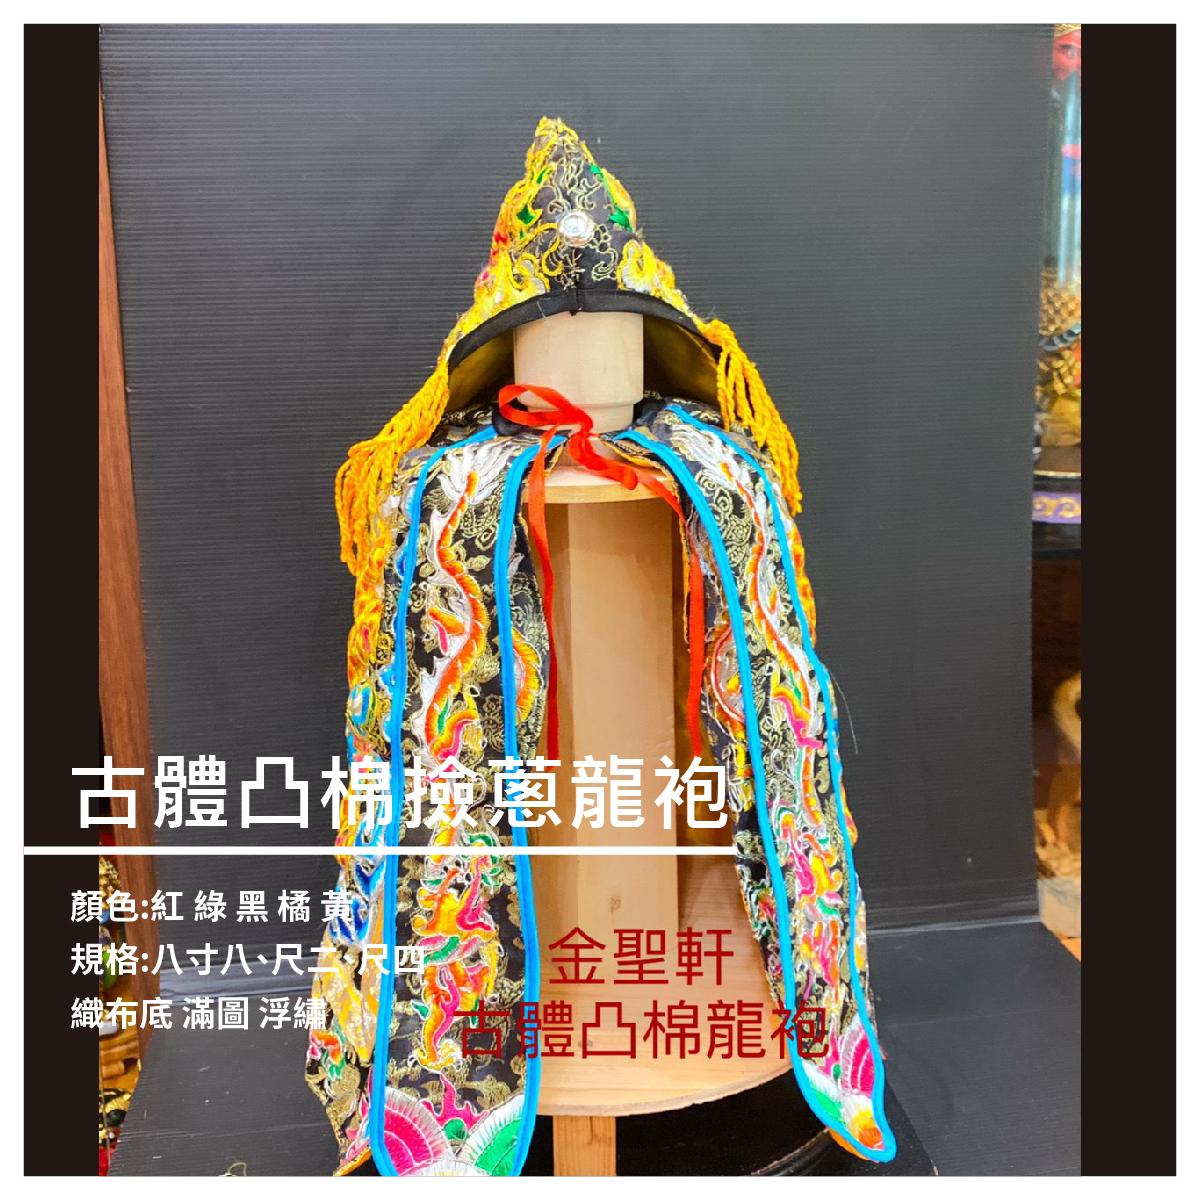 【金聖軒精品佛俱】古體凸棉撿蔥龍袍 (尺三神尊穿)